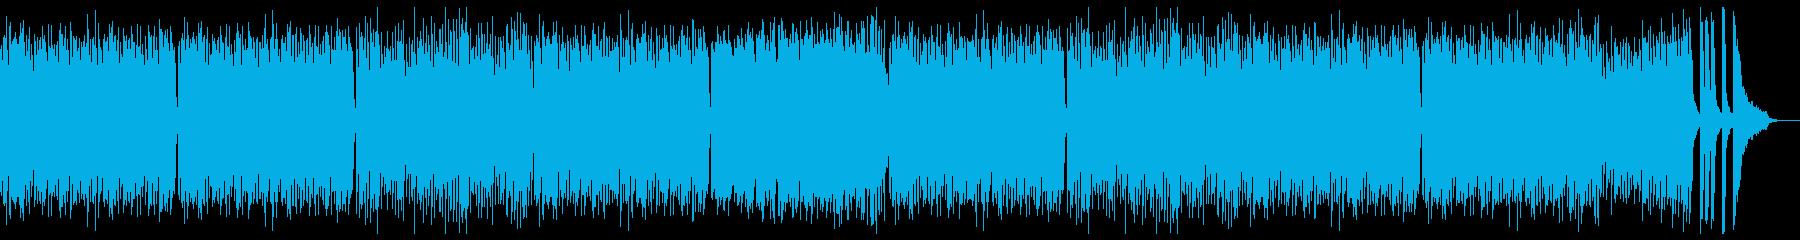 モーツアルト風の優しいピアノ:ピアノのみの再生済みの波形